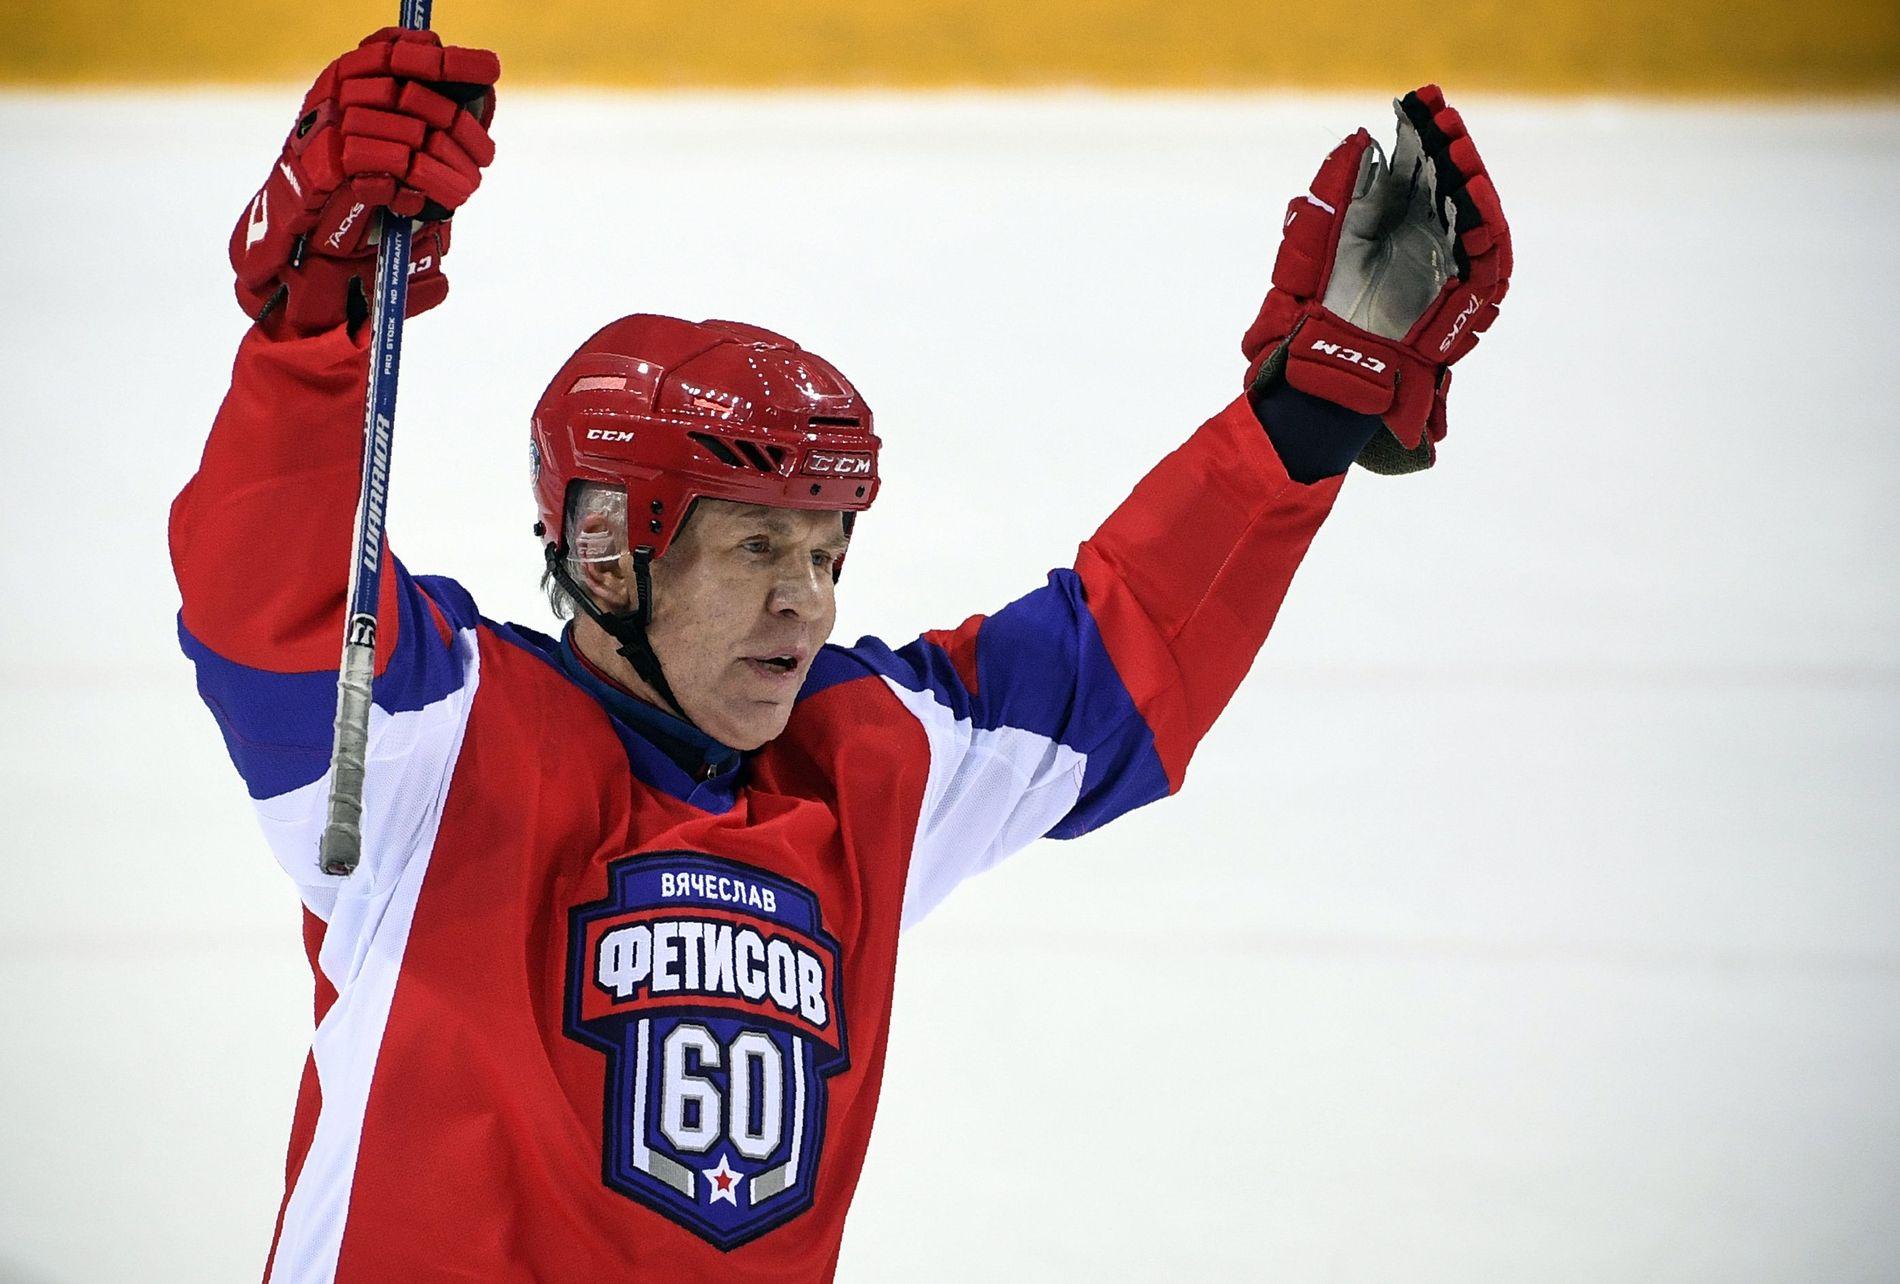 LEGENDE:  Vjatsjeslav Fetisov tok initiativet til toppkamp i hockey på Nordpolen, for klimaets skyld. HAn har invitert med seg en annen hockey-interessert russer, nemlig president Vladimir Putin.